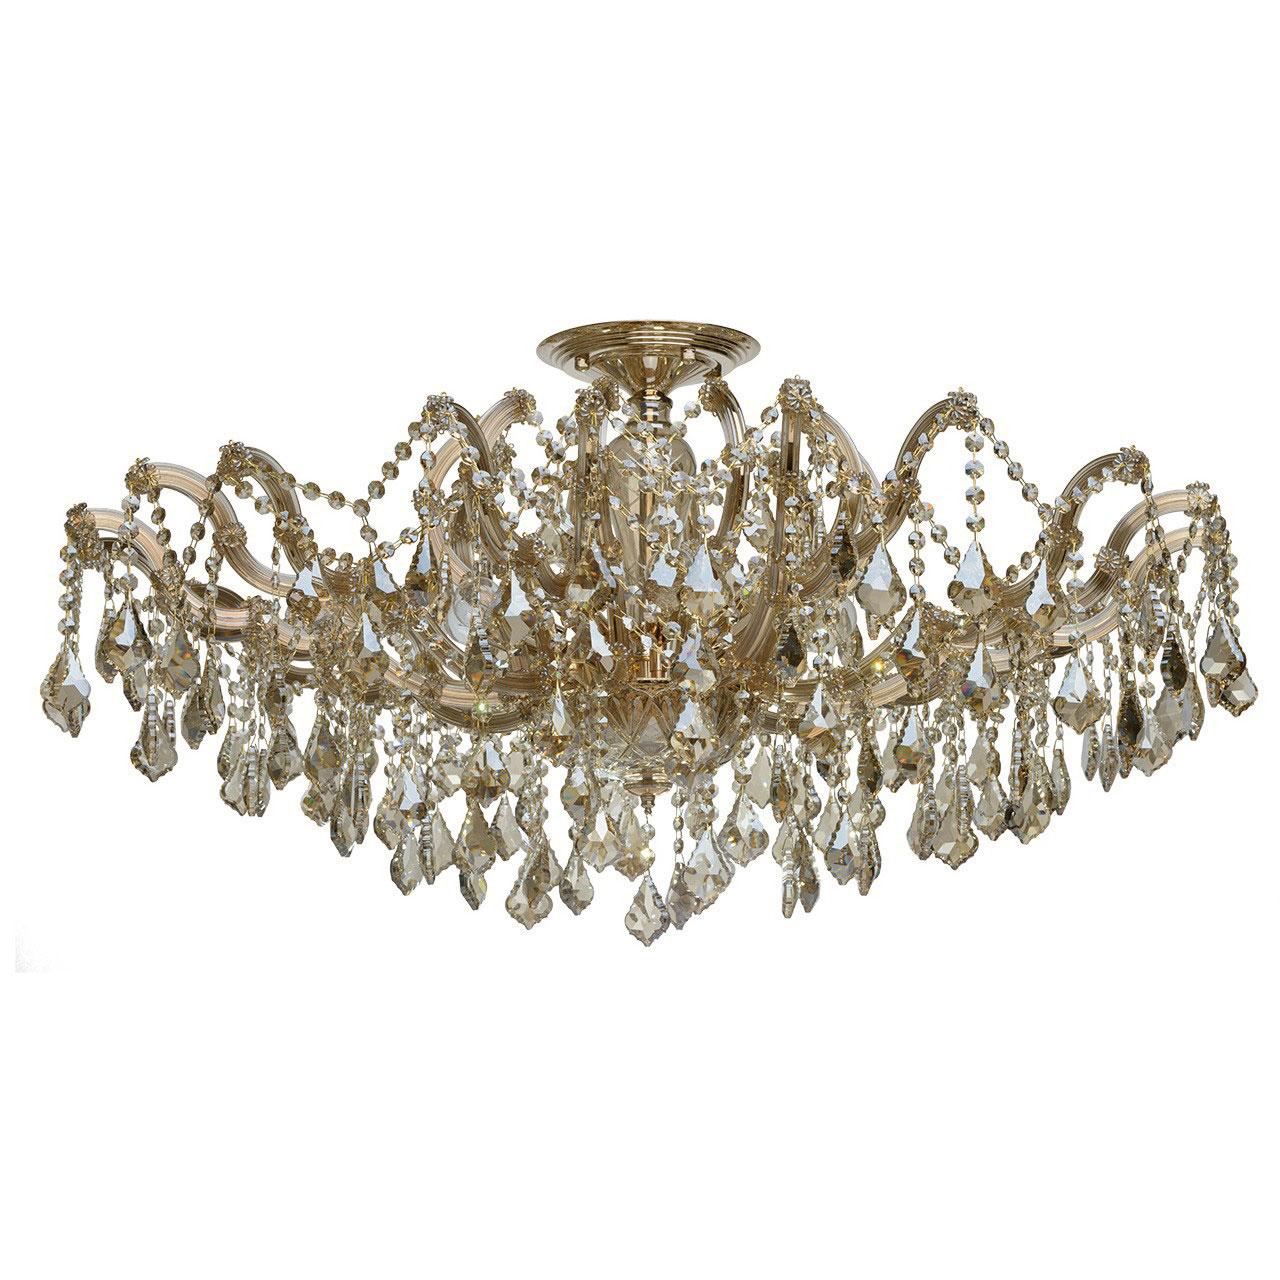 Люстра ChiaroЛюстры<br>Назначение светильника: для гостиной,<br>Стиль светильника: классика,<br>Тип: потолочная,<br>Материал плафона: стекло,<br>Материал арматуры: стекло,<br>Длина (мм): 360,<br>Ширина: 460,<br>Высота: 500,<br>Количество ламп: 10,<br>Тип лампы: накаливания,<br>Мощность: 60,<br>Патрон: Е14,<br>Цвет арматуры: золото,<br>Коллекция: Луиза<br>